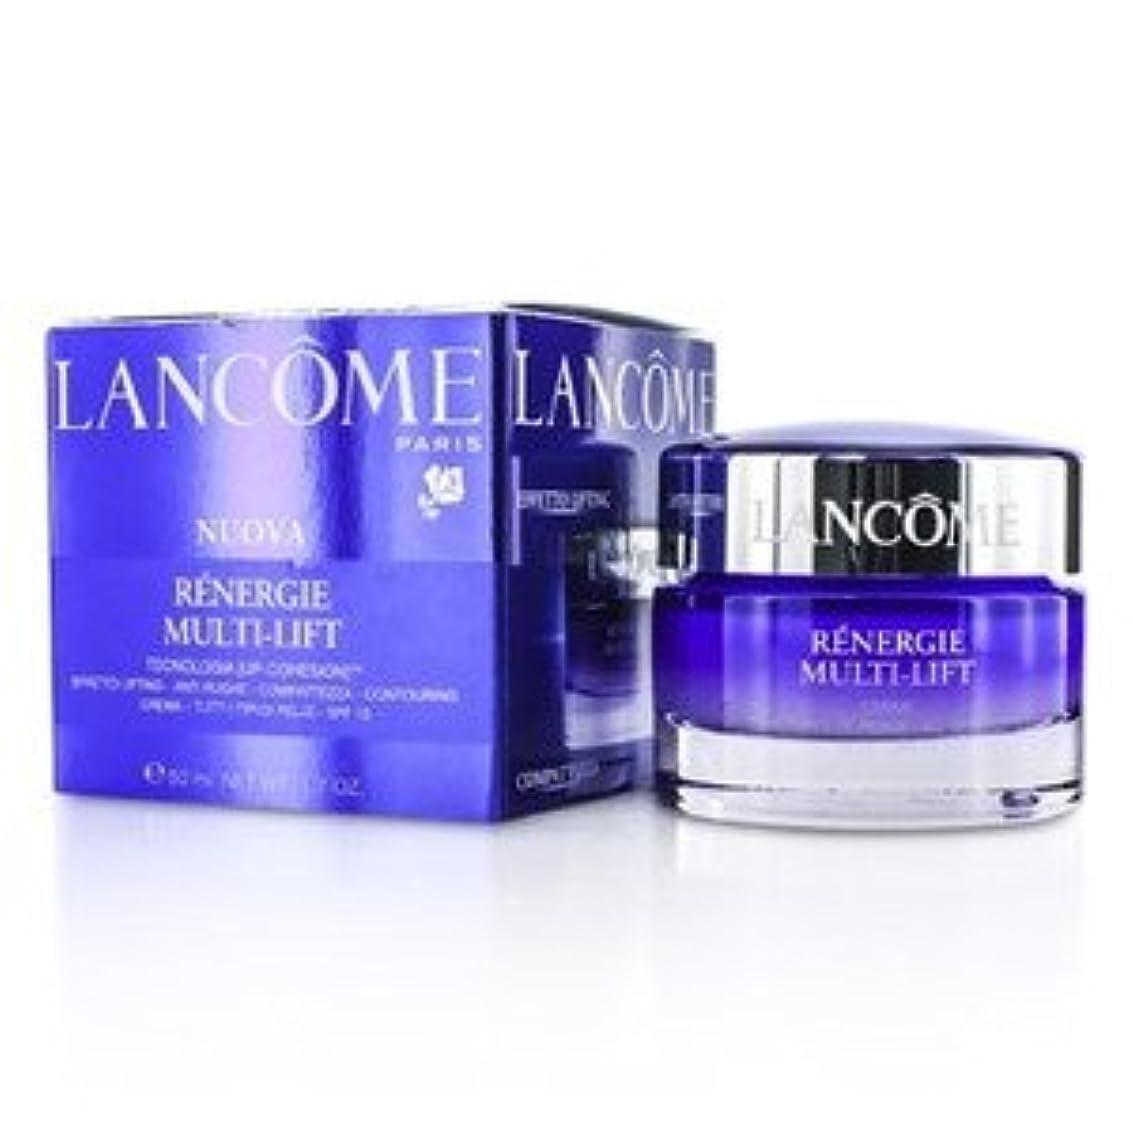 先メンタリティ祖父母を訪問LANCOME(ランコム) レネルジー マルチリフト リディファイング リフティング クリーム SPF15 For All Skin Types 50ml/1.7oz [並行輸入品]